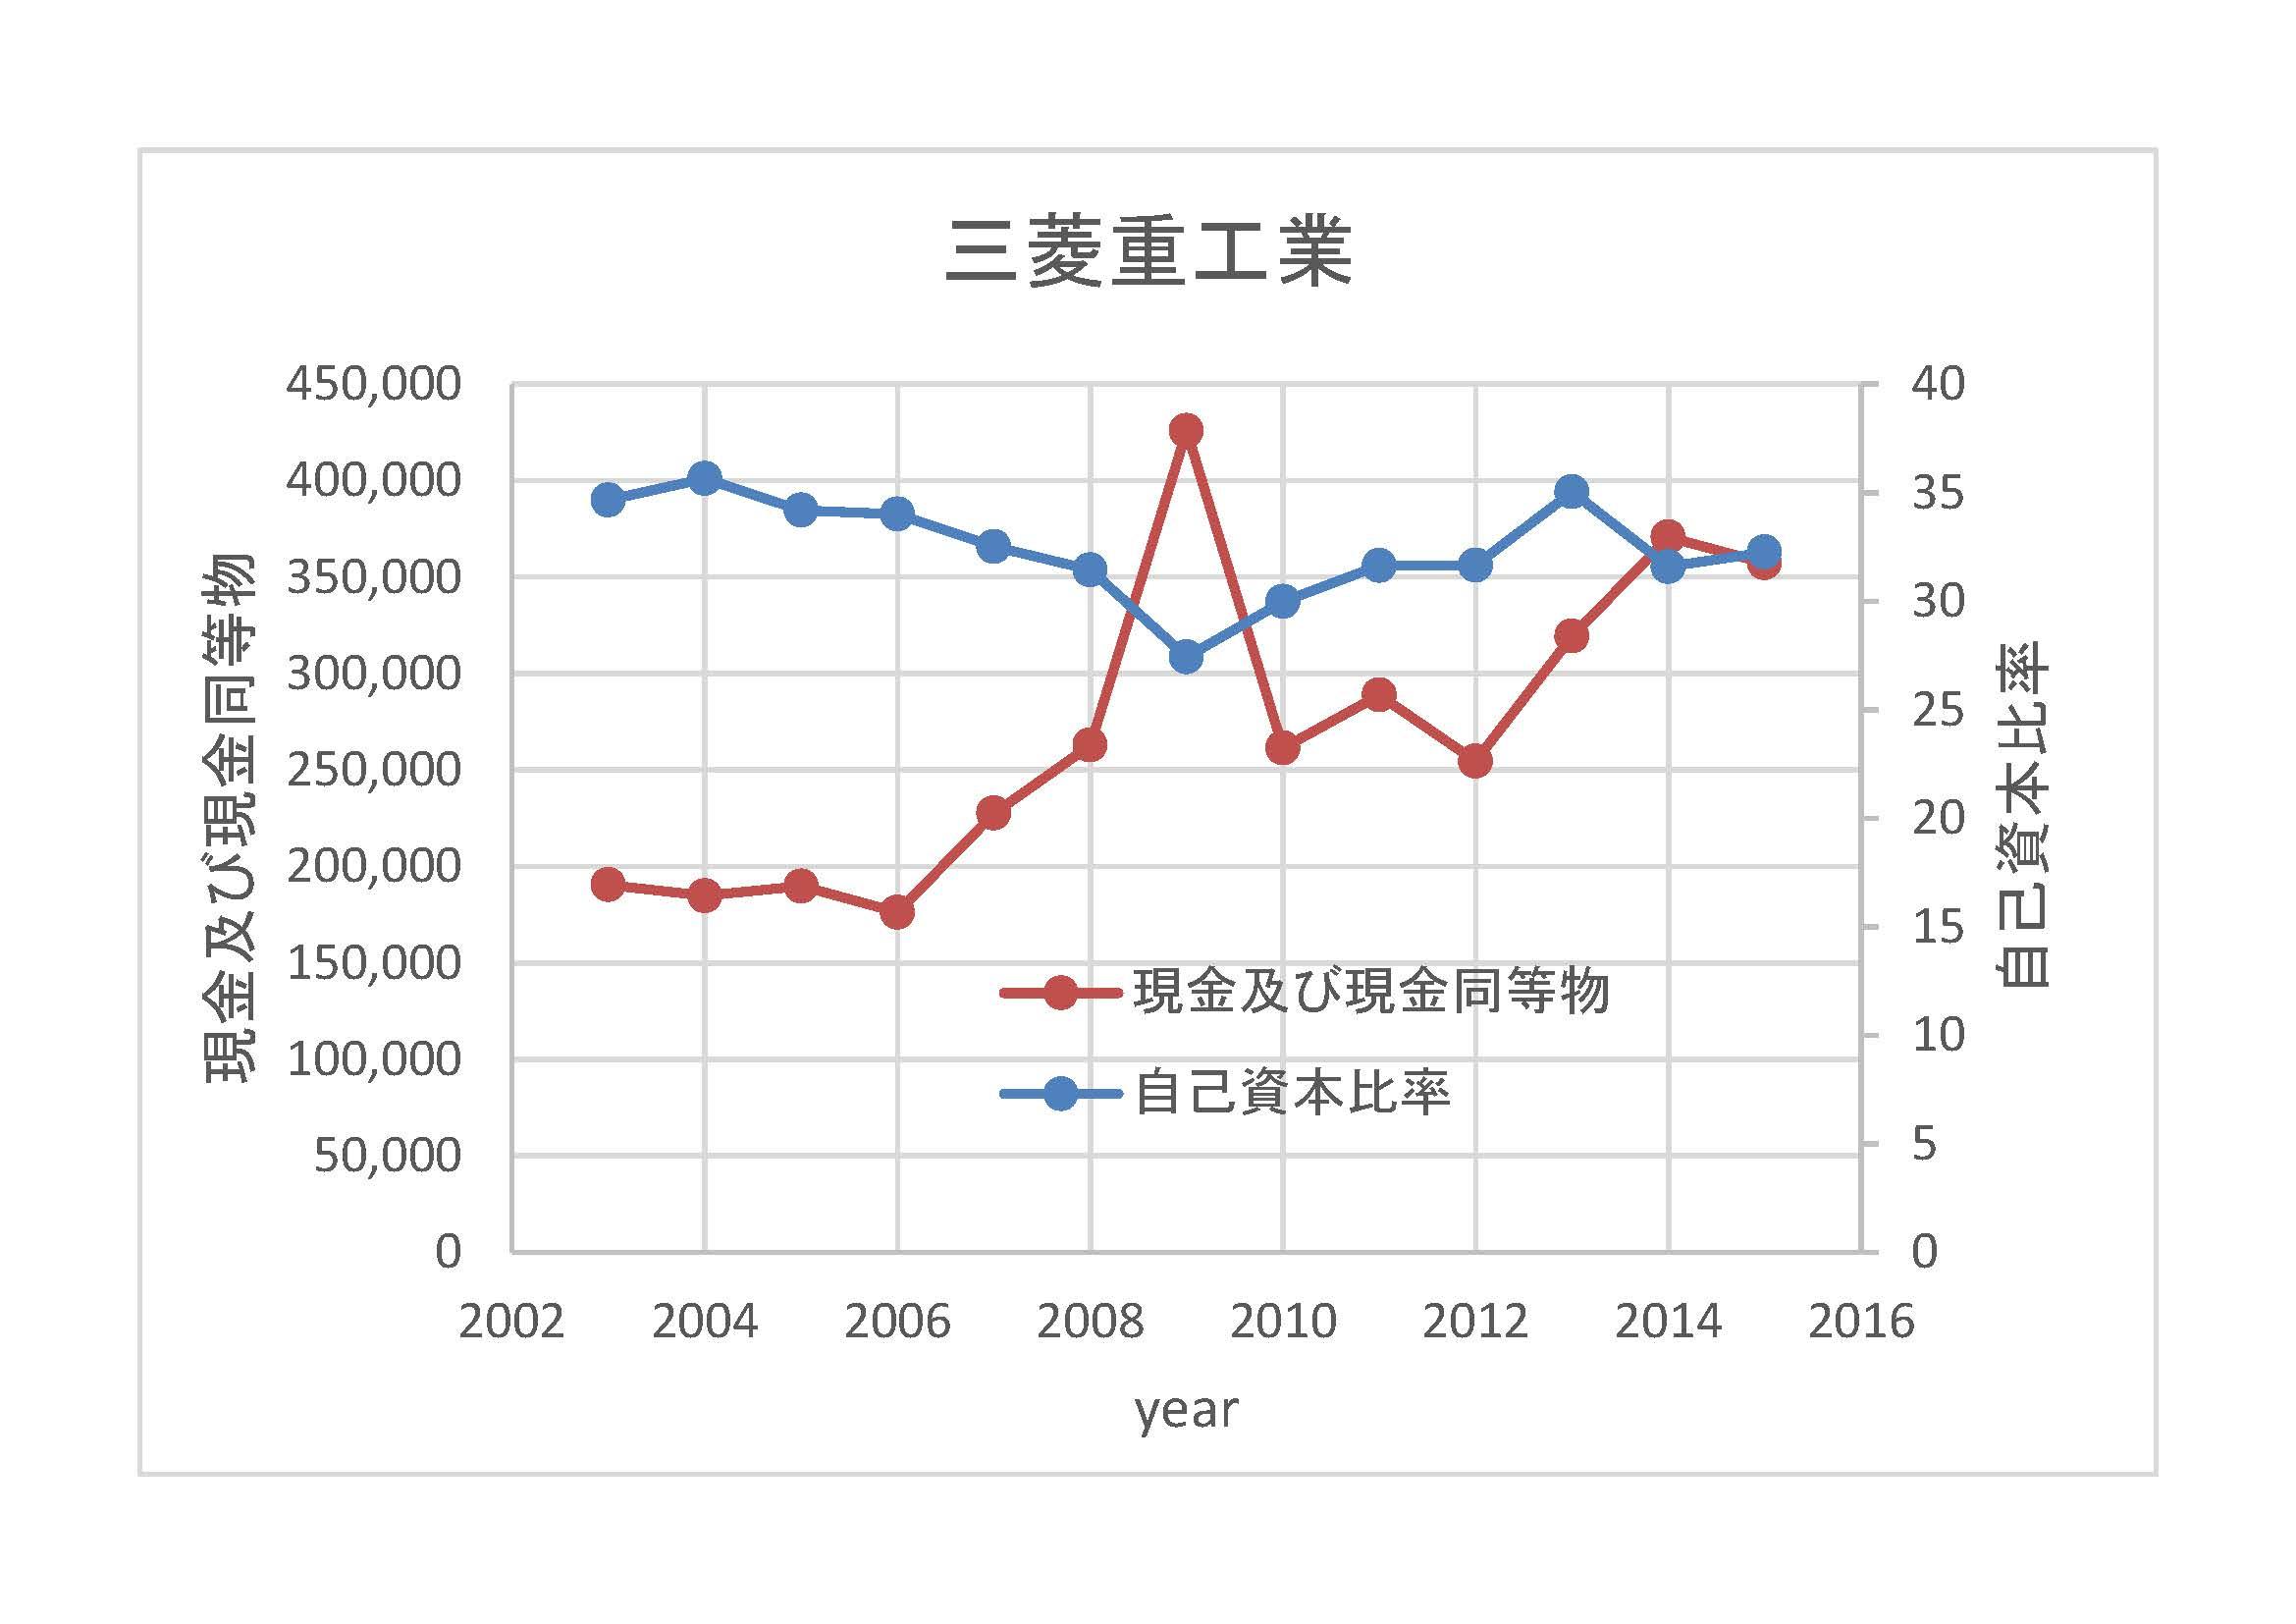 三菱重工業-自己資本比率2003-2015